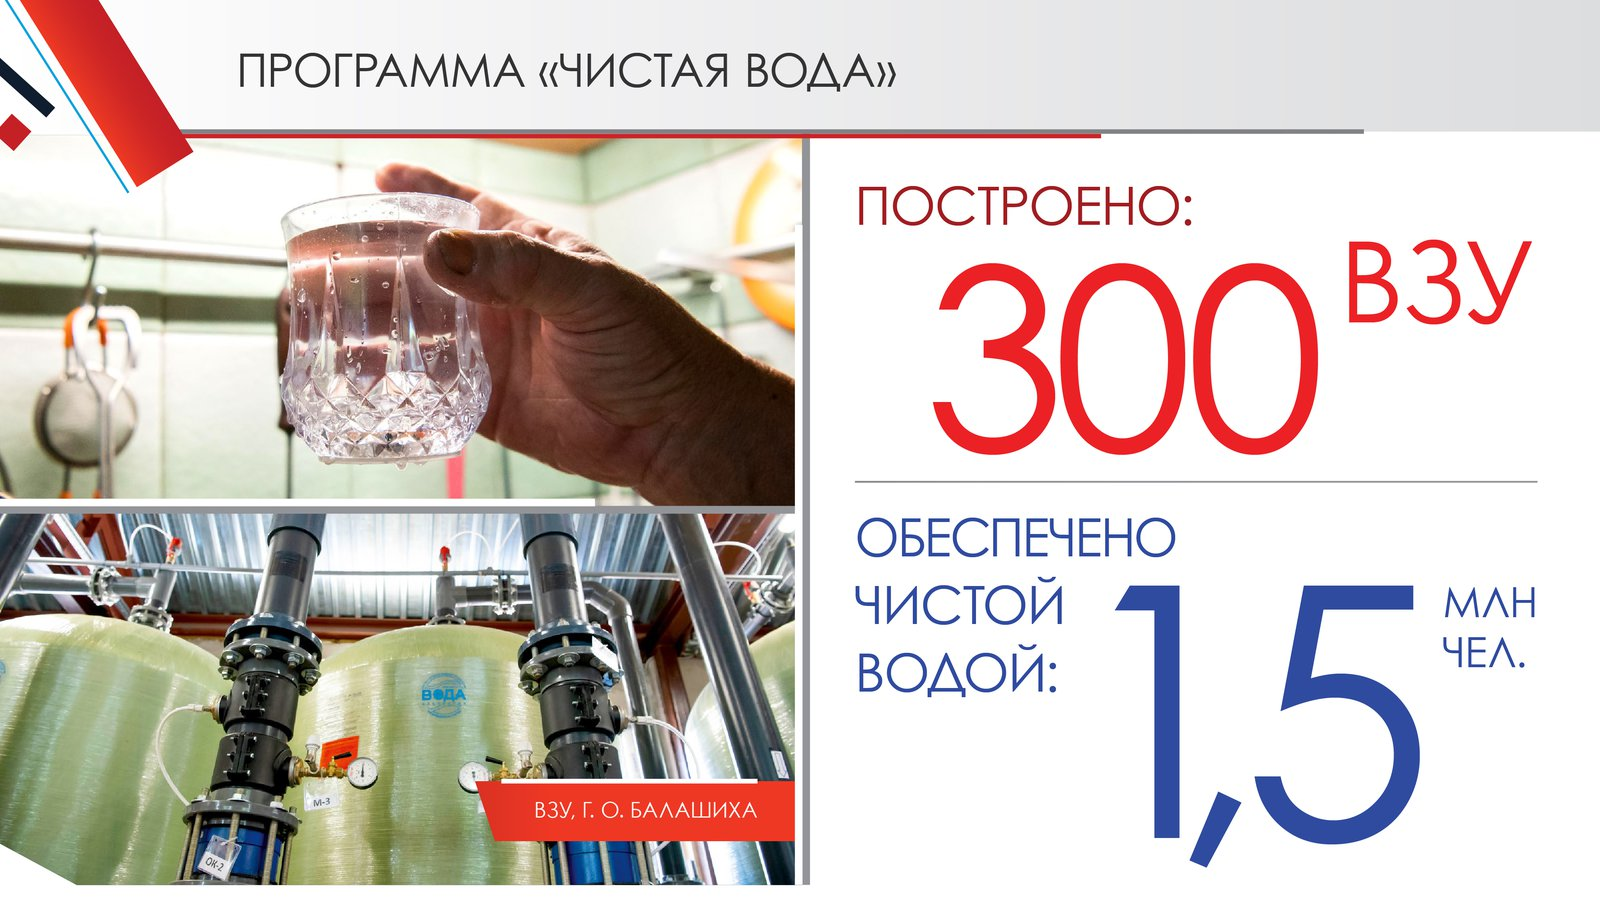 Андрей Воробьев губернатор московской области - Экология как магистральная тема для области